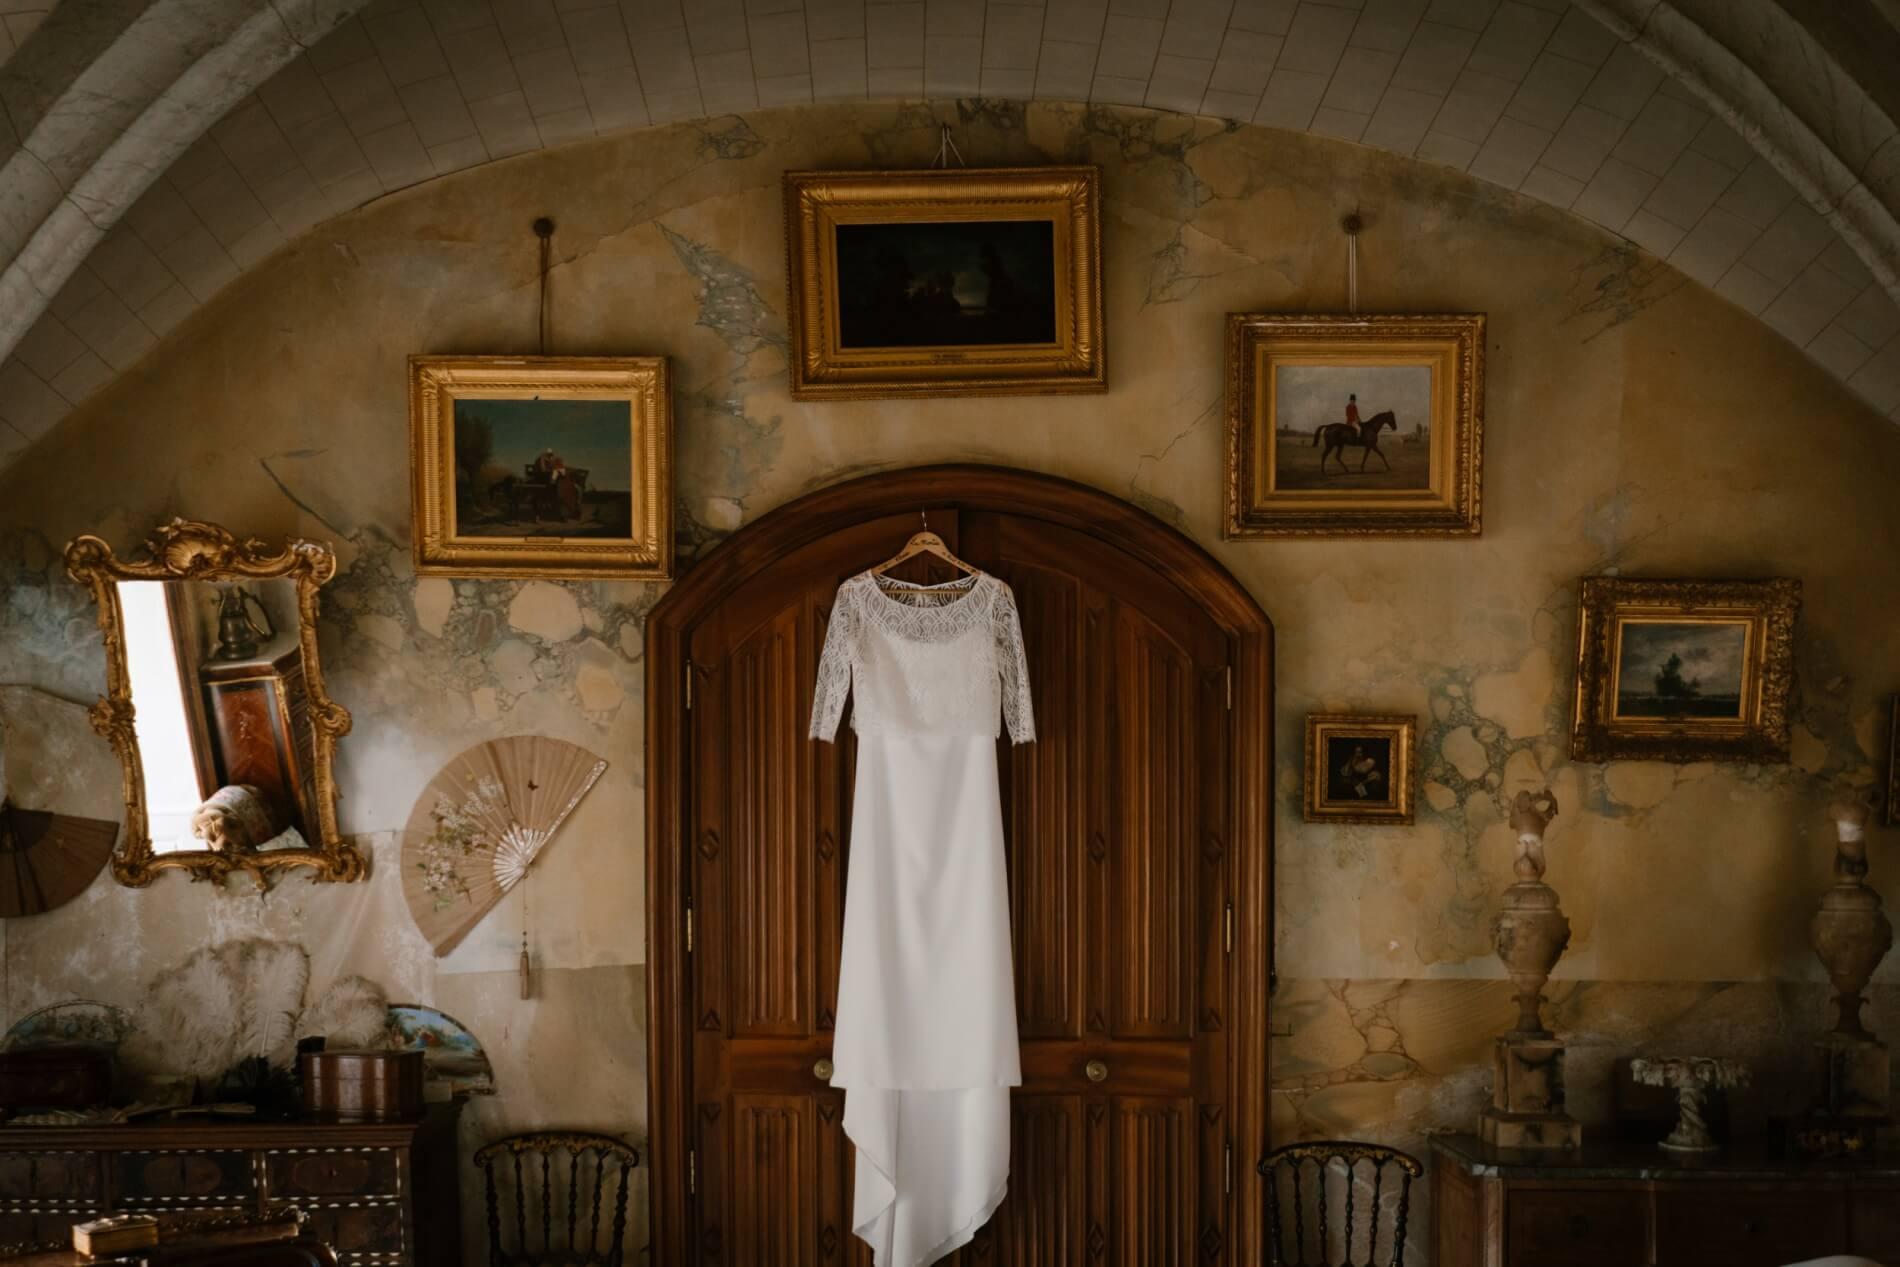 photographe puy de dome mariage dans une chateau auvergnat